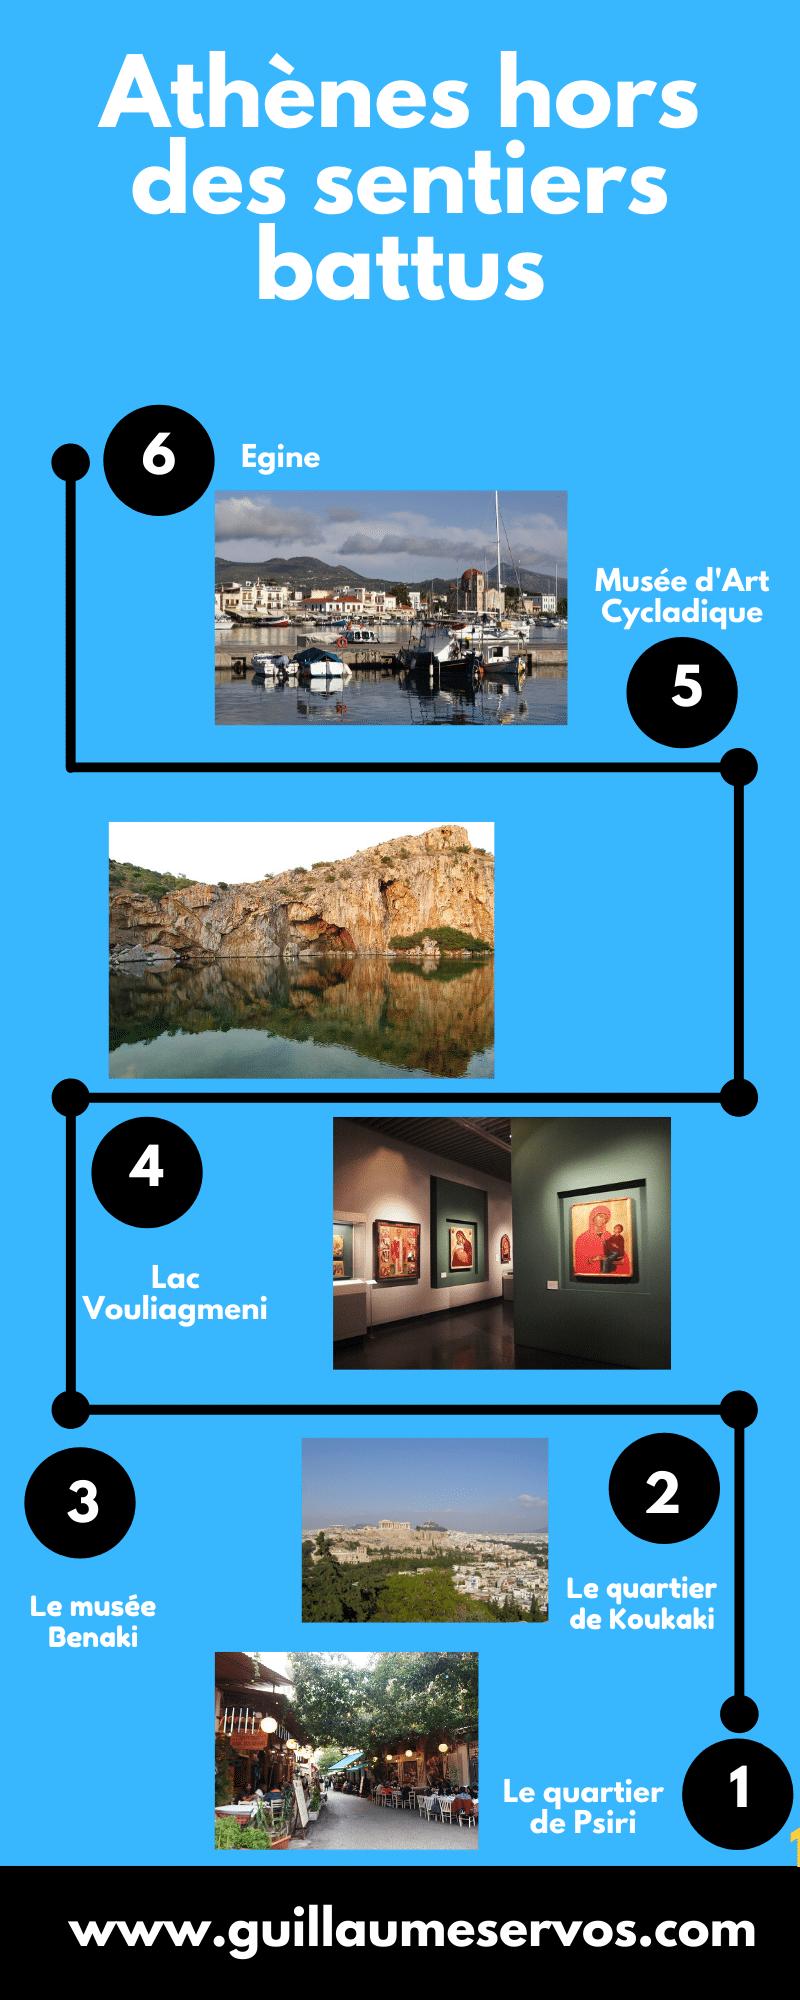 Tu pars dans en Grèce et tu as envie de découvrir Athènes hors des sentiers battus. Tu es le bienvenu. Au menu : Psiri, Koukaki, lac Vouliagmeni, Egine…